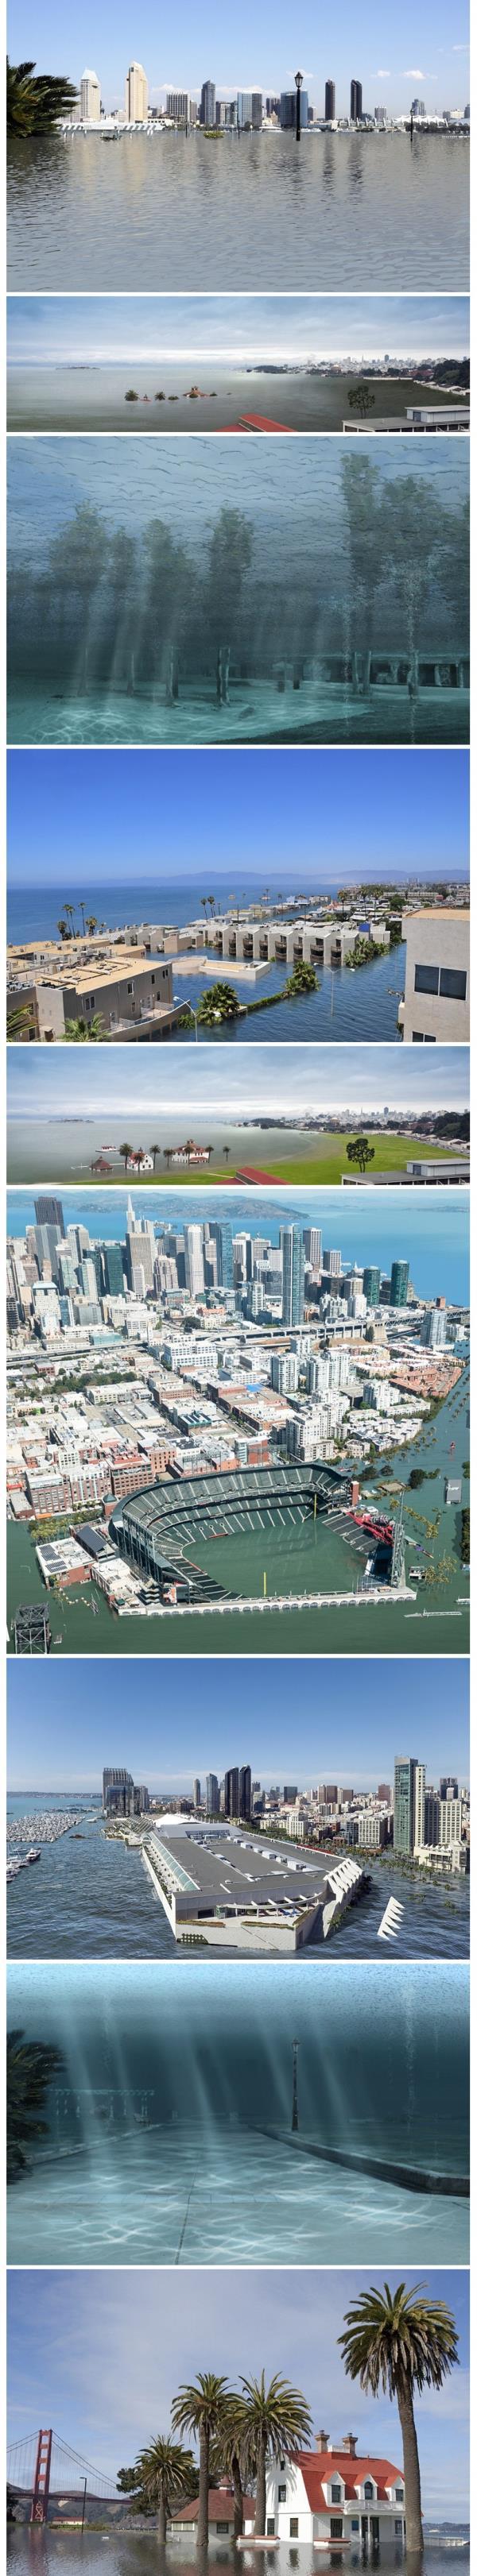 توقعات بغرق مدن أمريكية